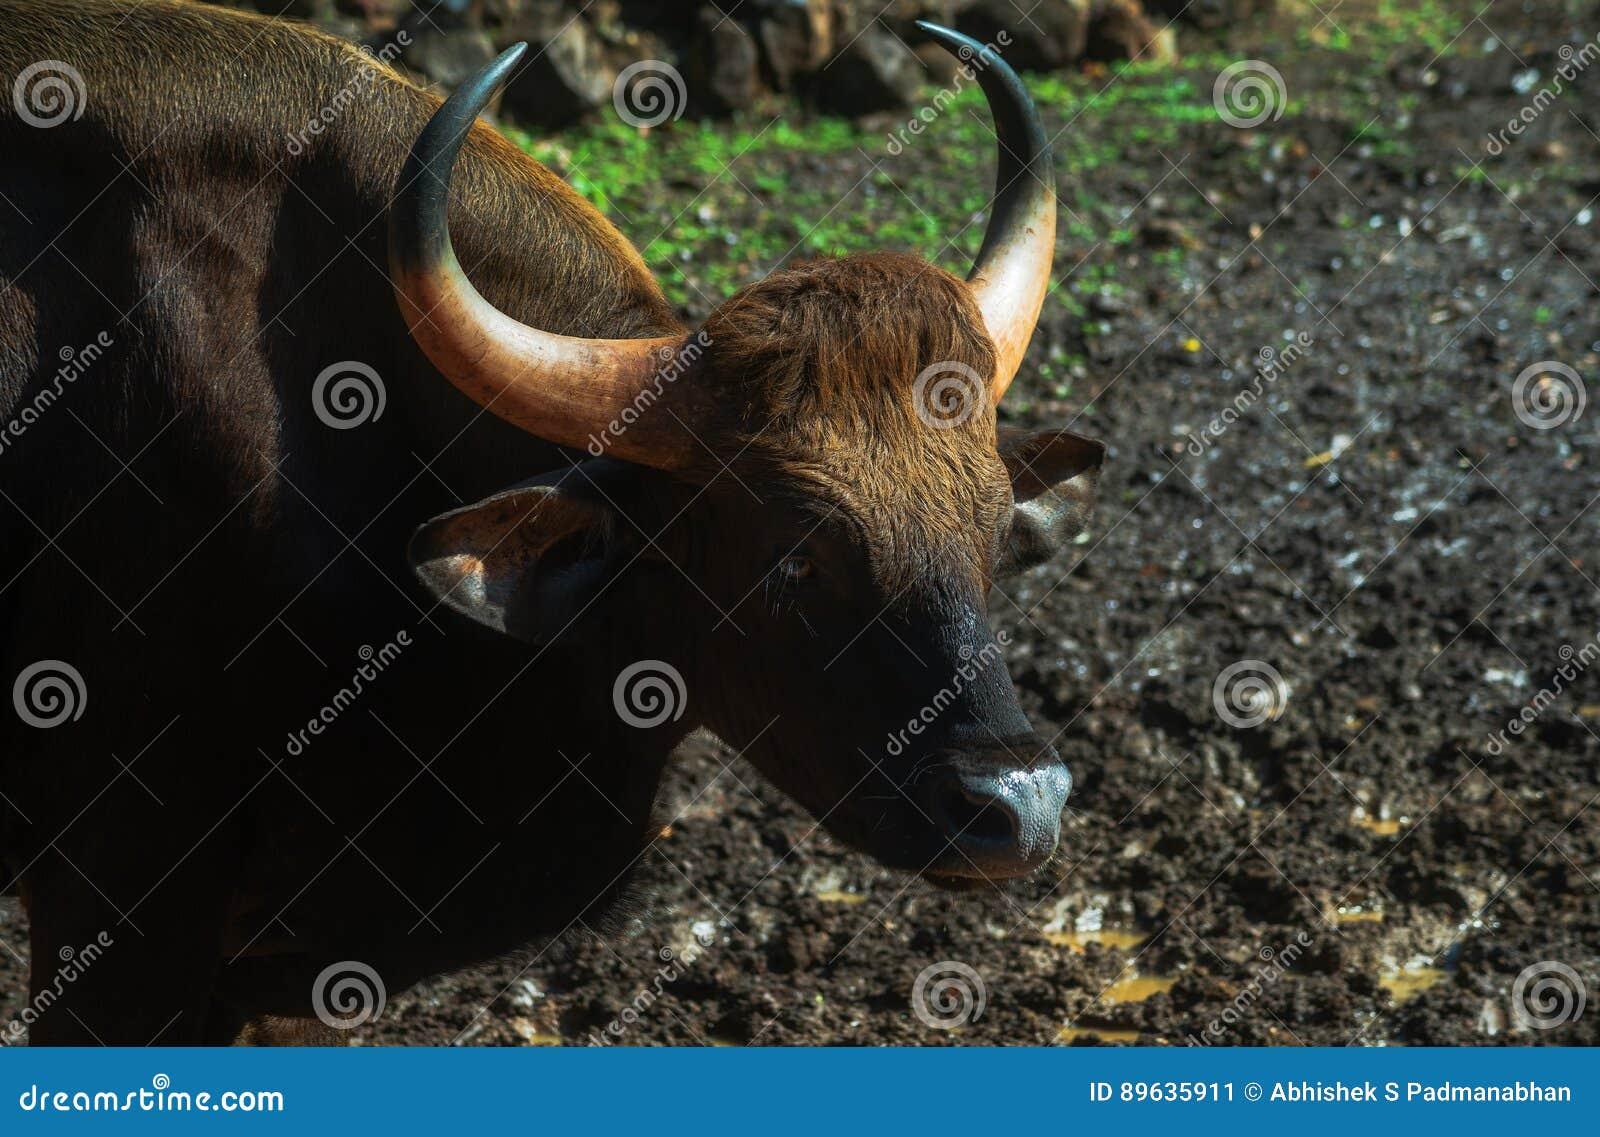 Indisk bison - Gaur